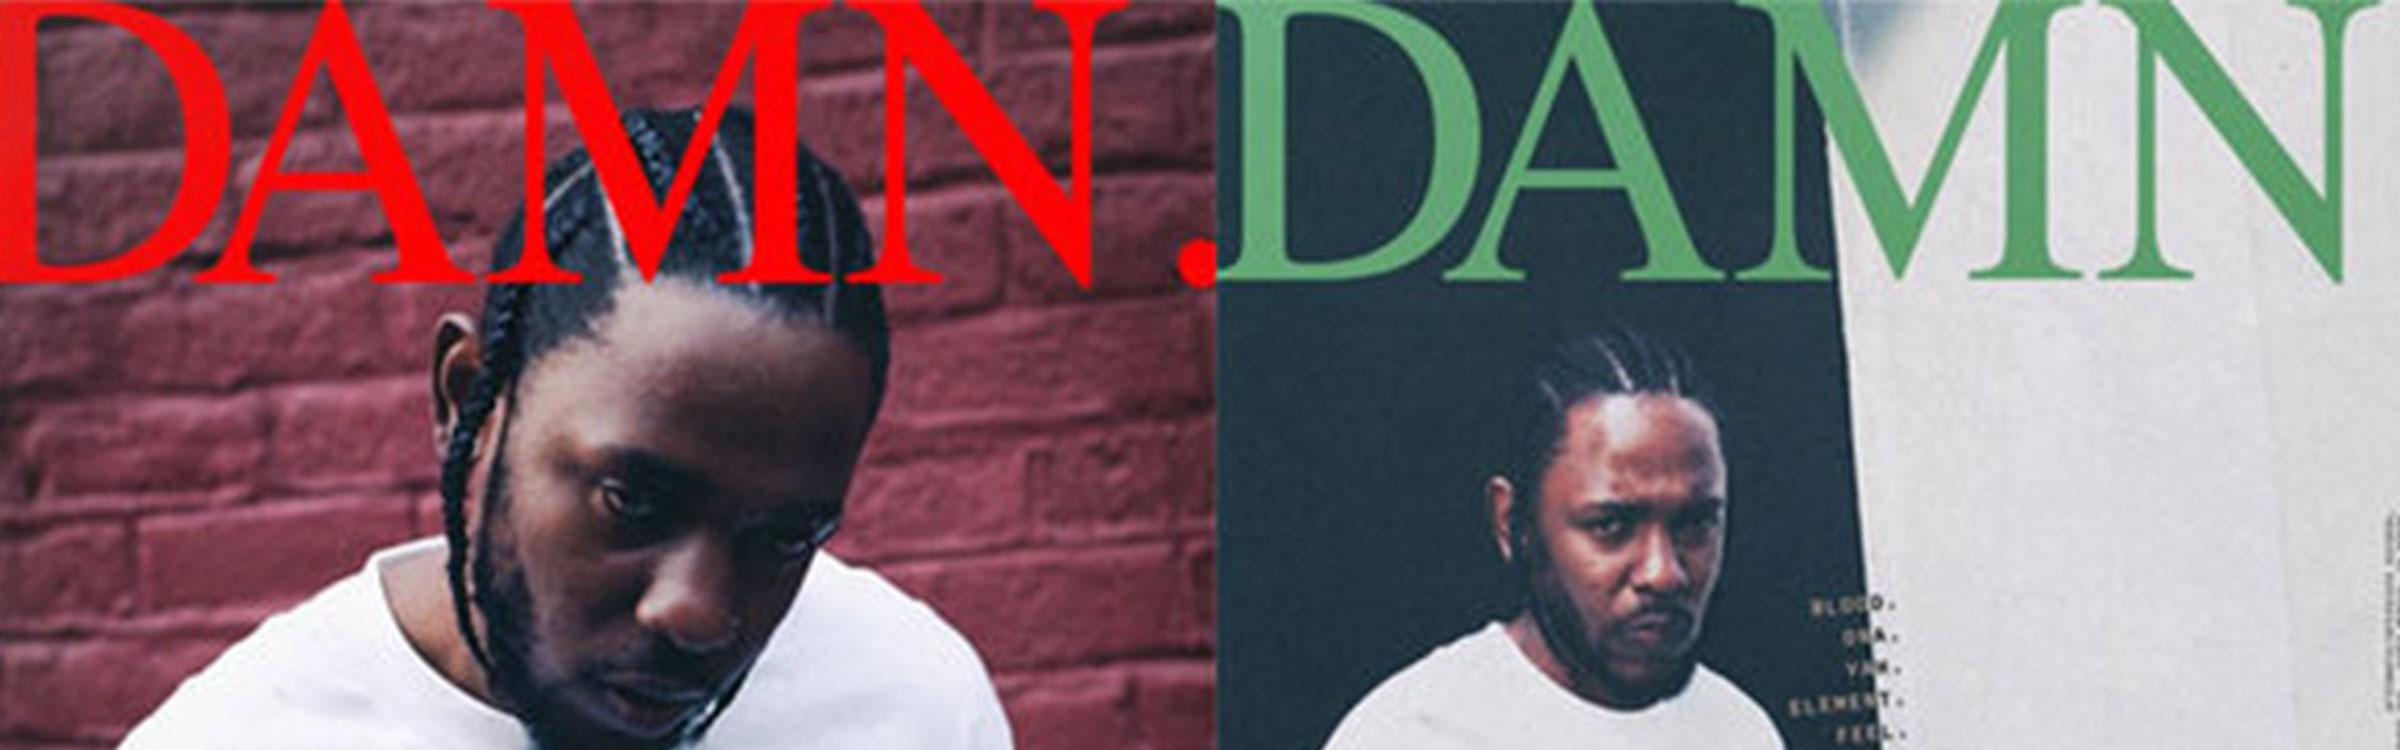 Kendrick header deze